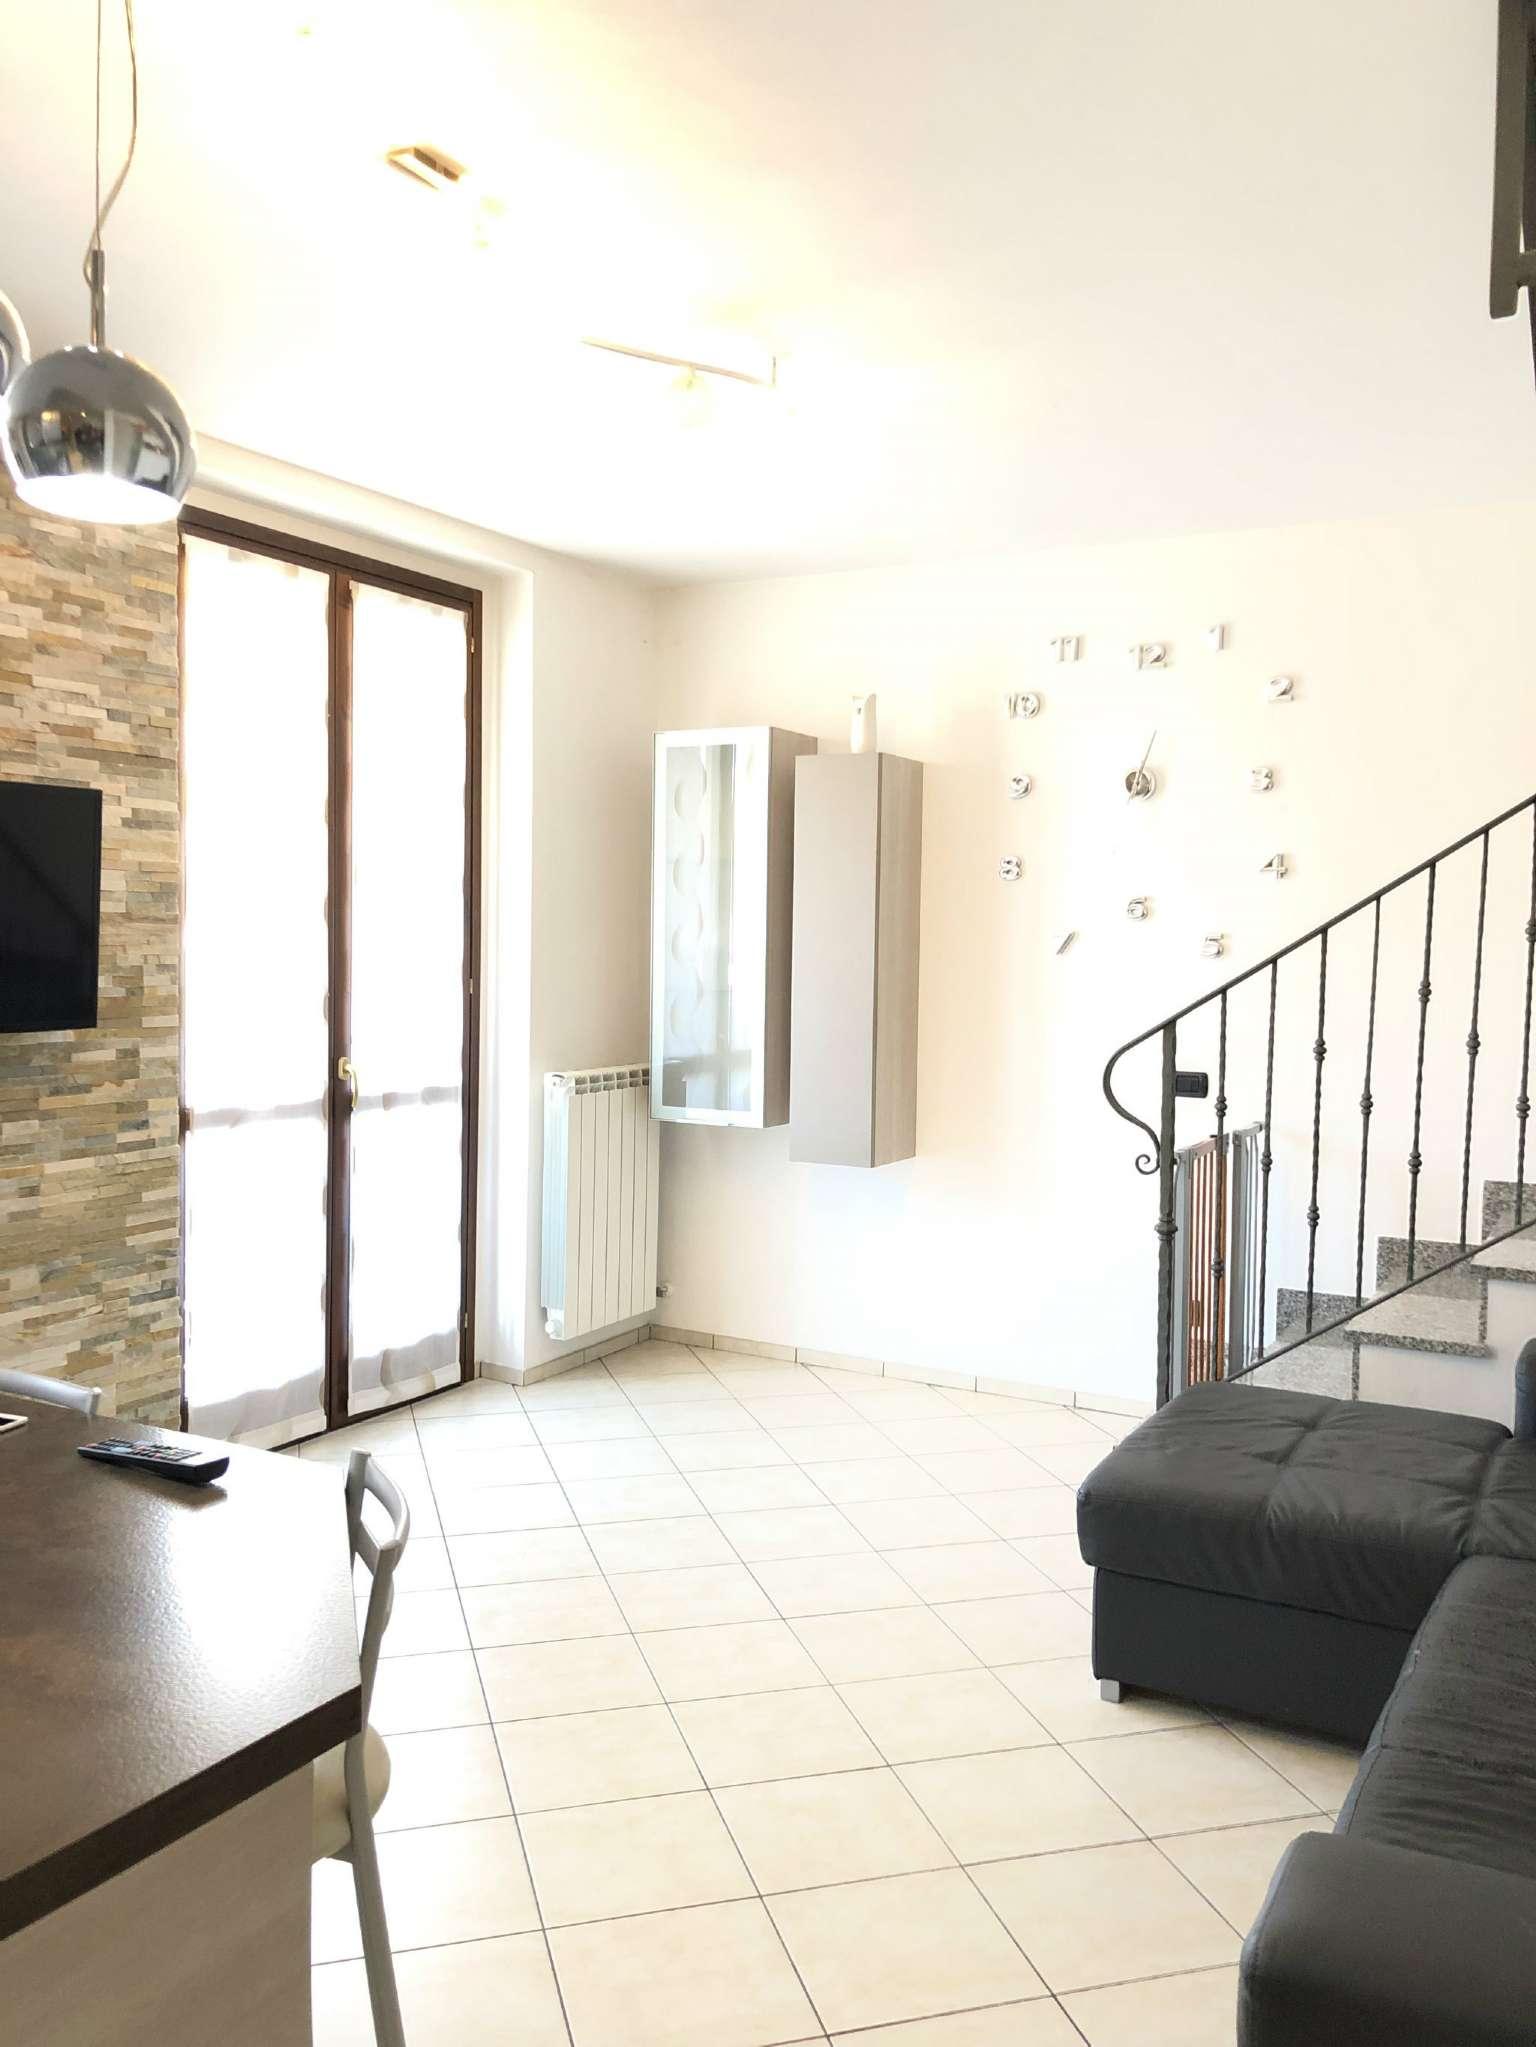 Appartamento in vendita a Binago, 3 locali, prezzo € 168.000 | PortaleAgenzieImmobiliari.it